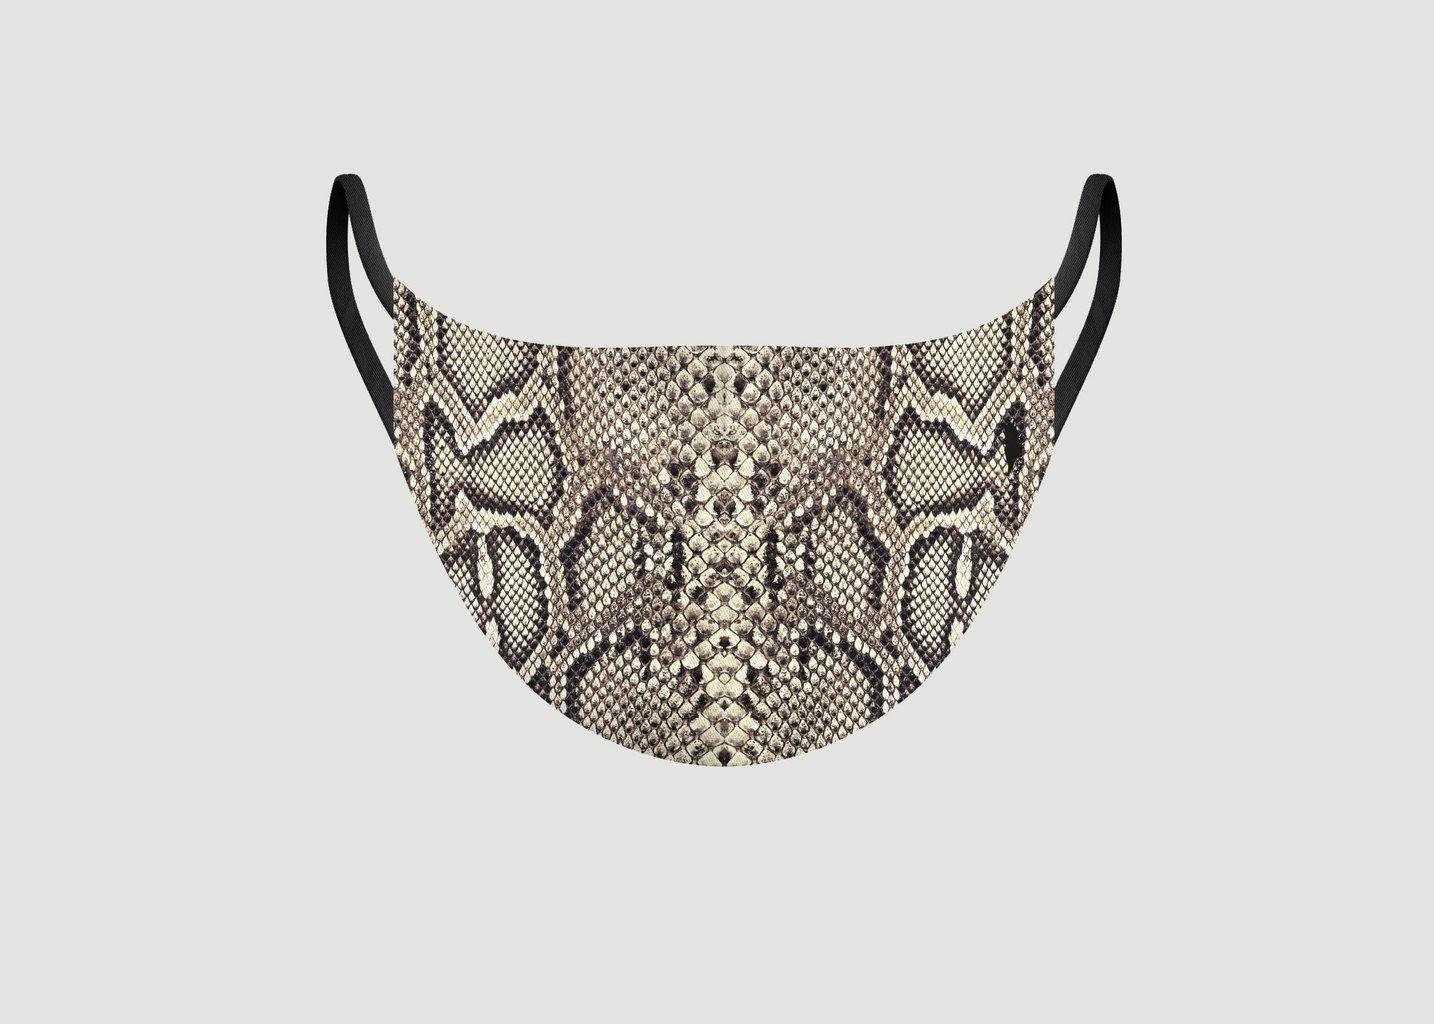 Masque en tissu Animal Love Snake - Pôdevache